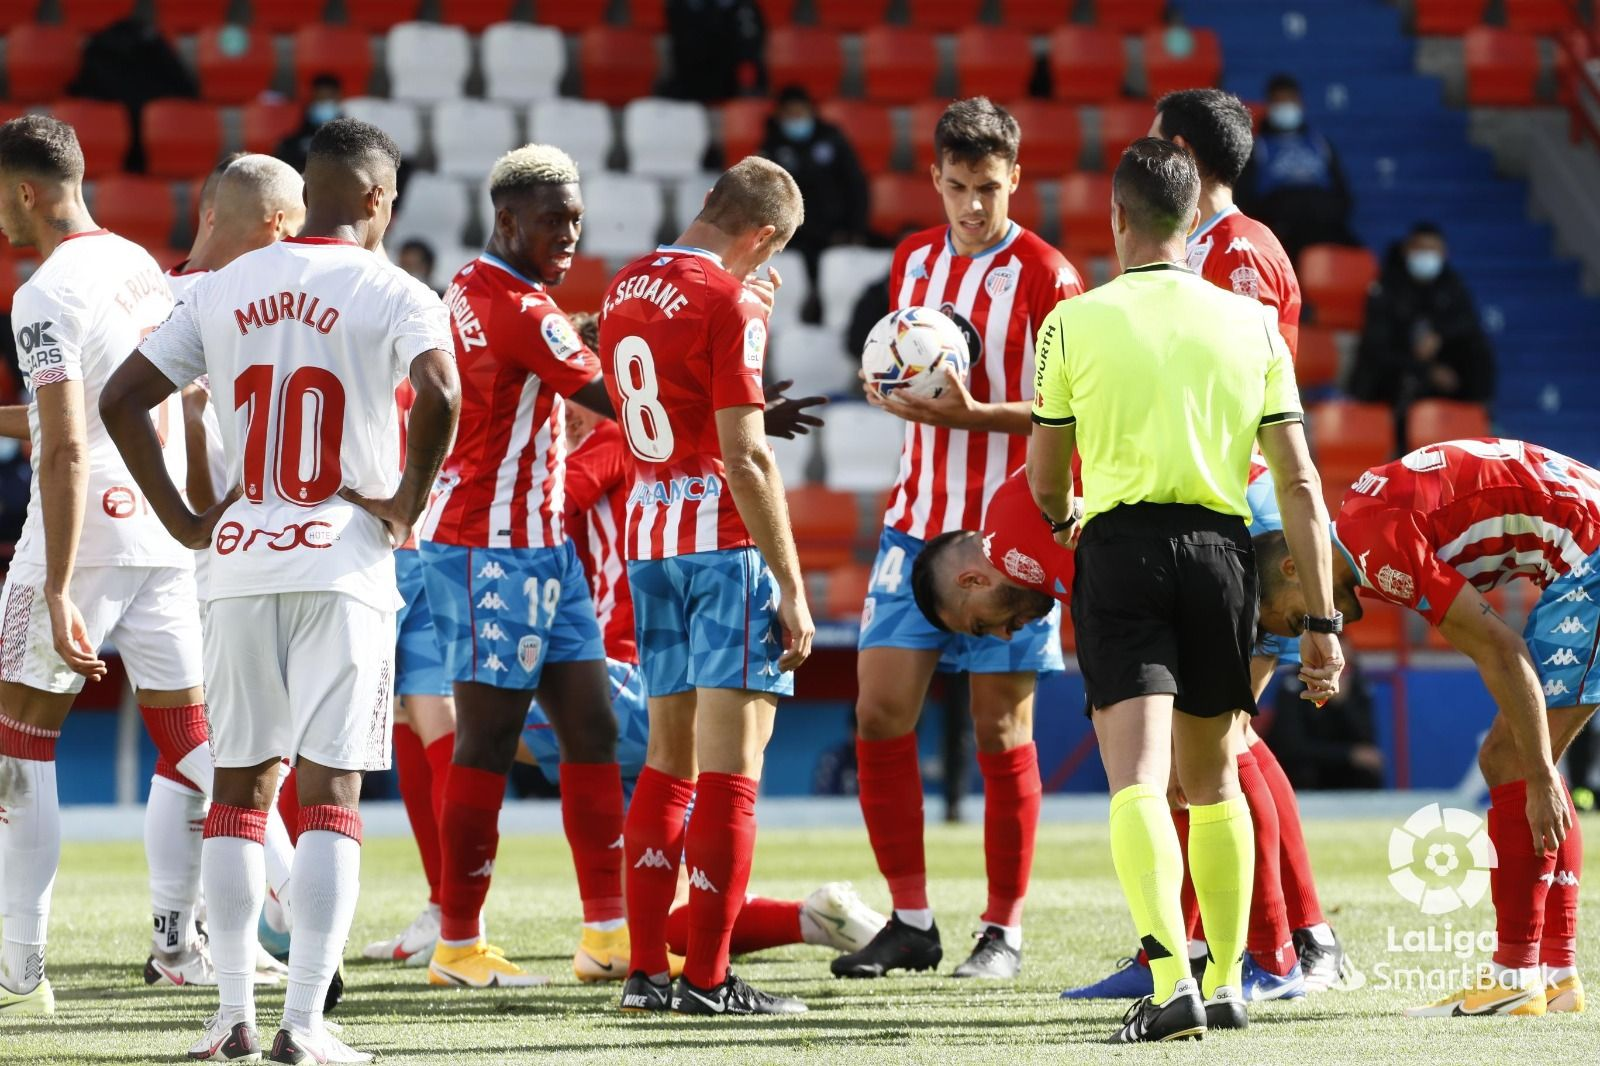 Lugo FC - RCD Mallorca